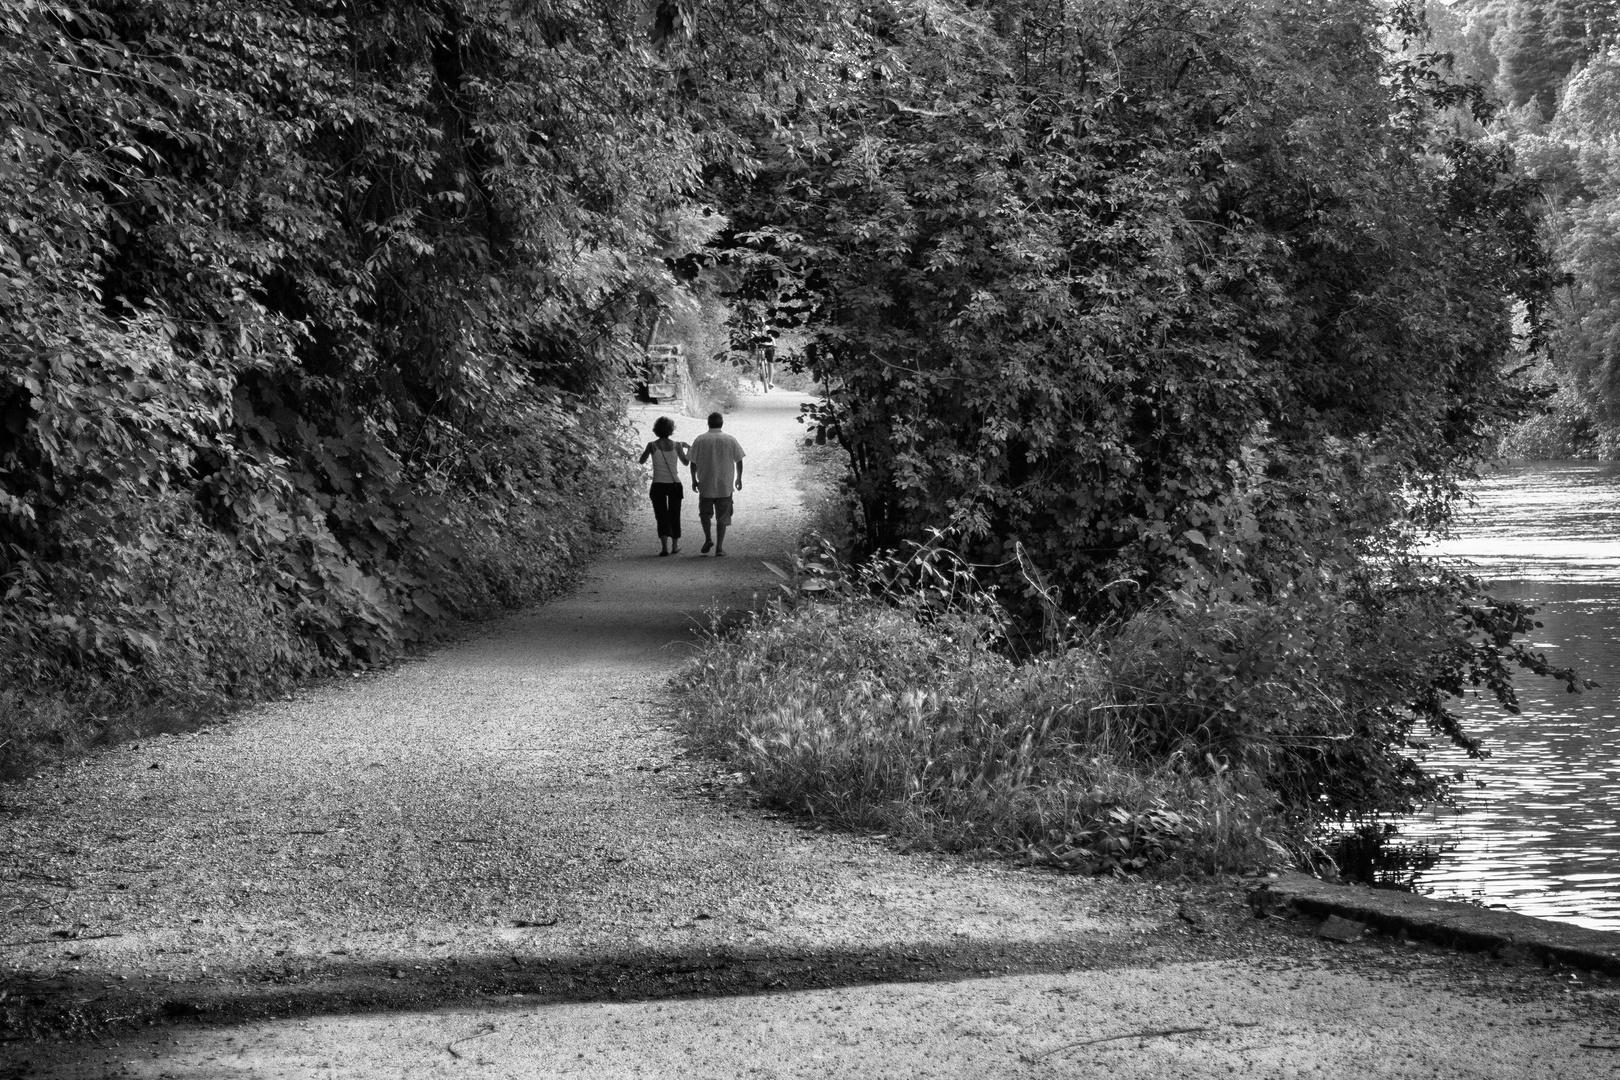 Passeggiata lungo il fiume Adda